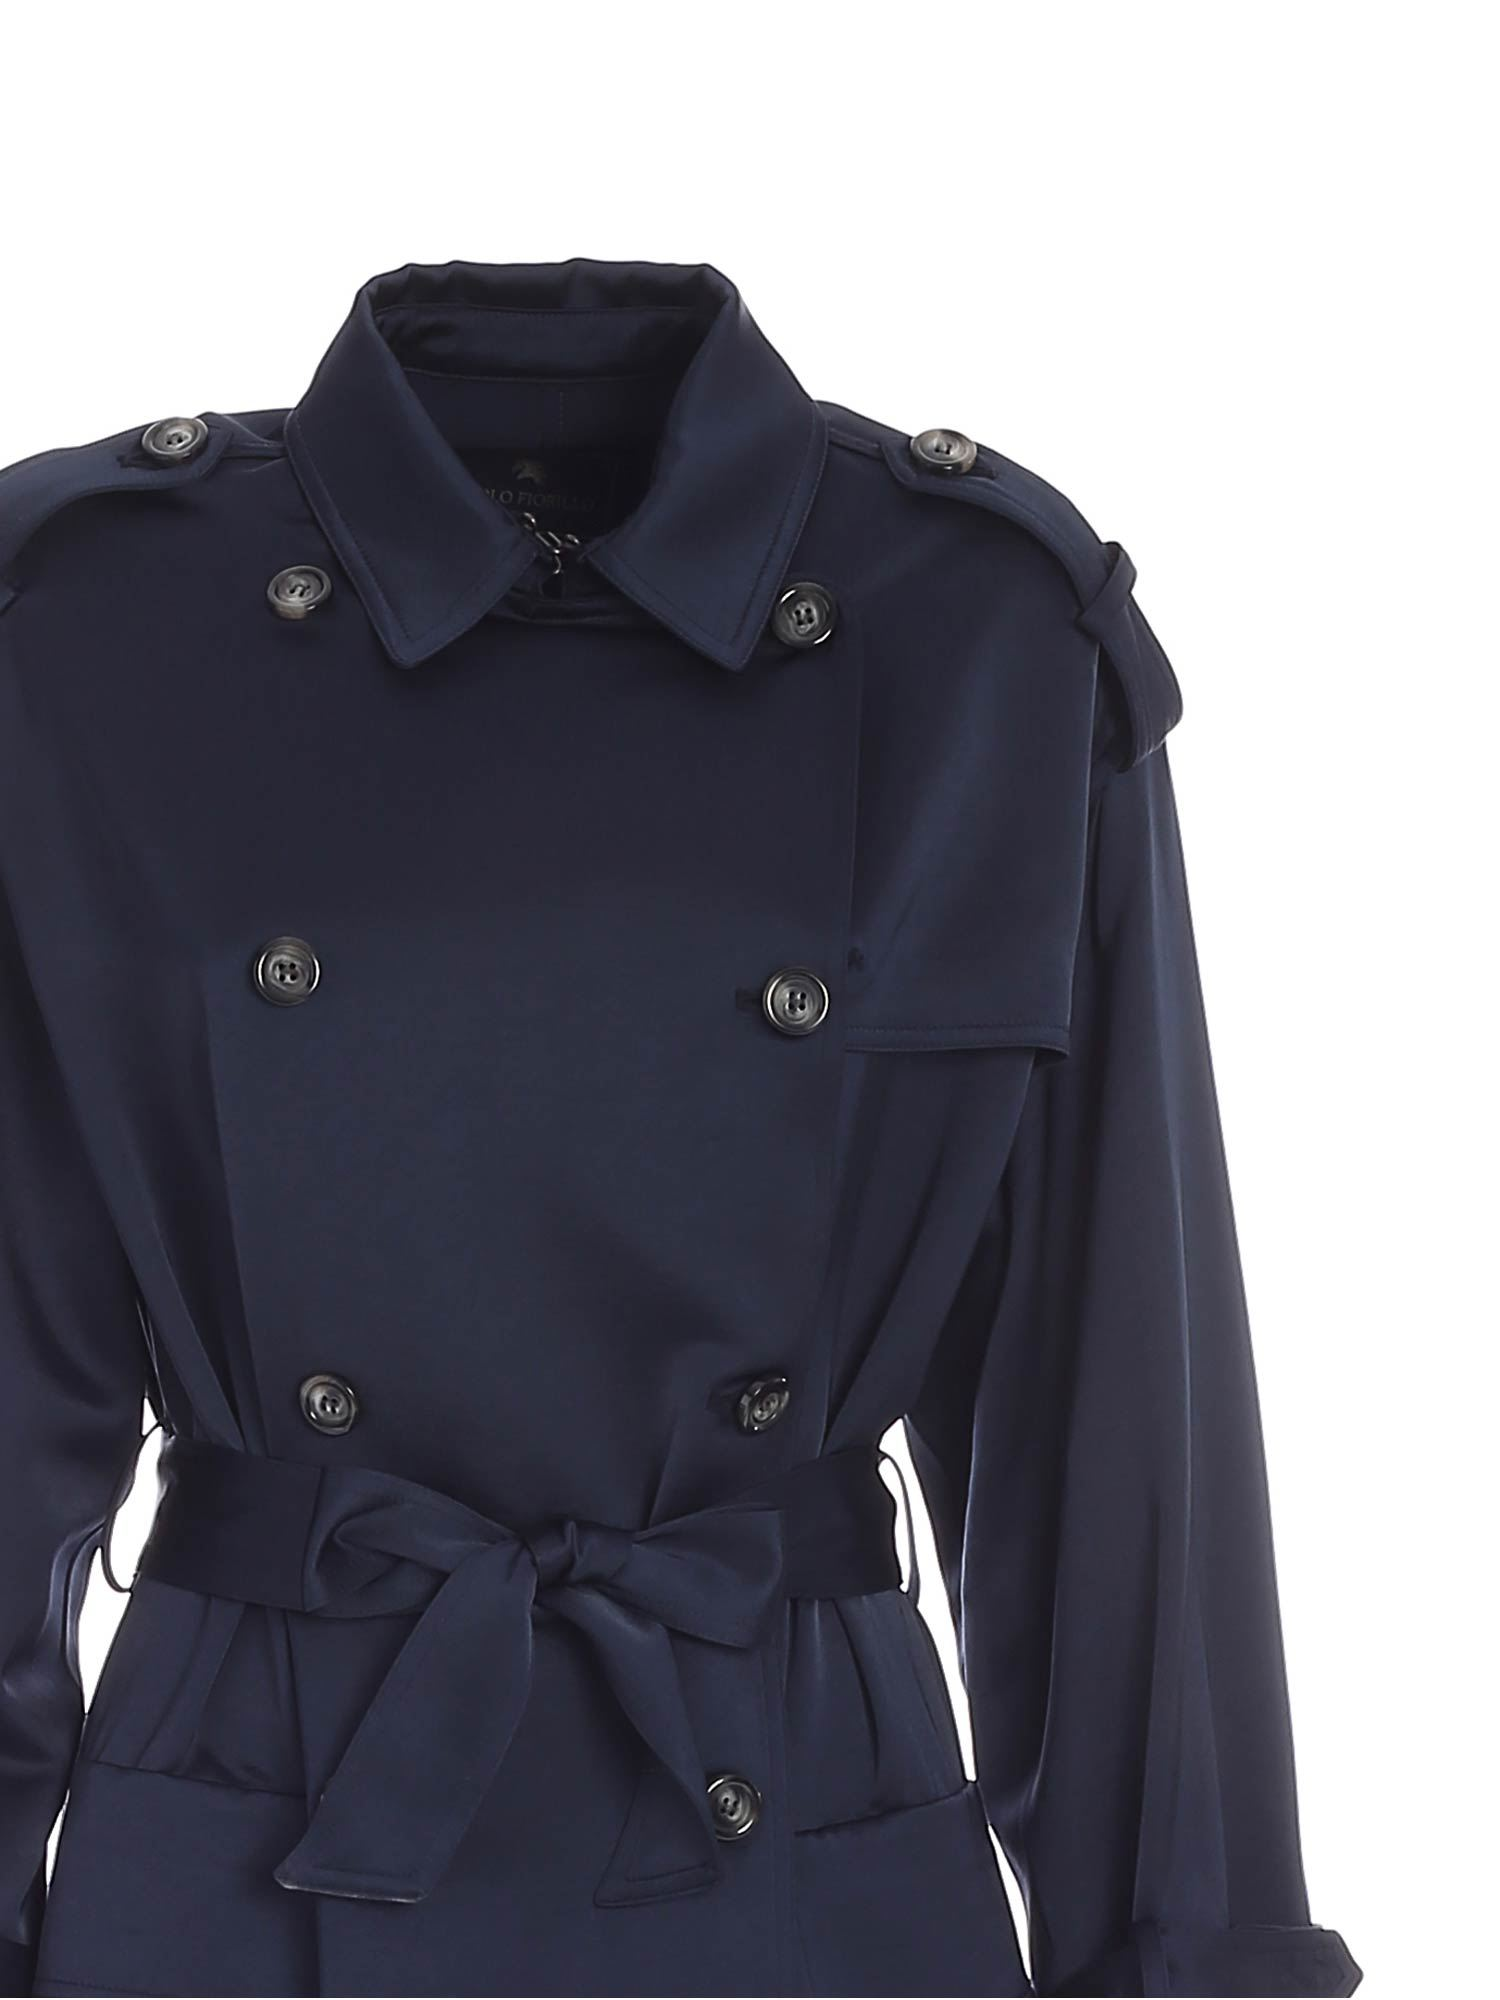 DOUBLE-BREASTED TRENCH COAT IN BLUE PAOLO FIORILLO CAPRI | 10000015 | 29503004889